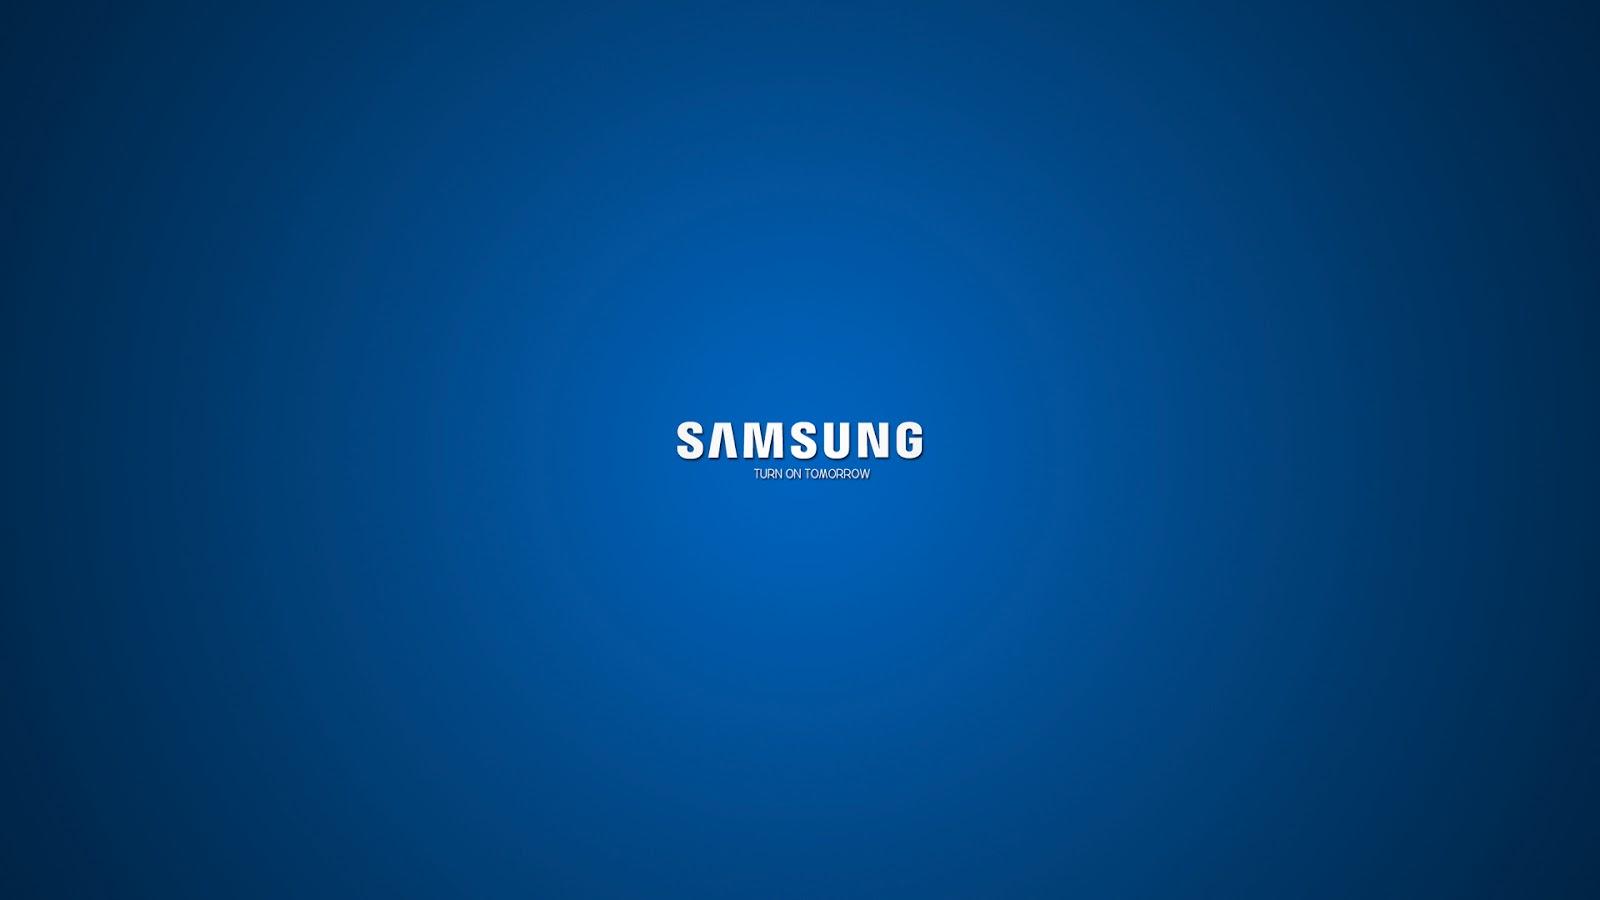 Frohe, Weihnachten, Erdbeere, Dessert Kostenlose  - Samsung Hintergrundbilder Kostenlos